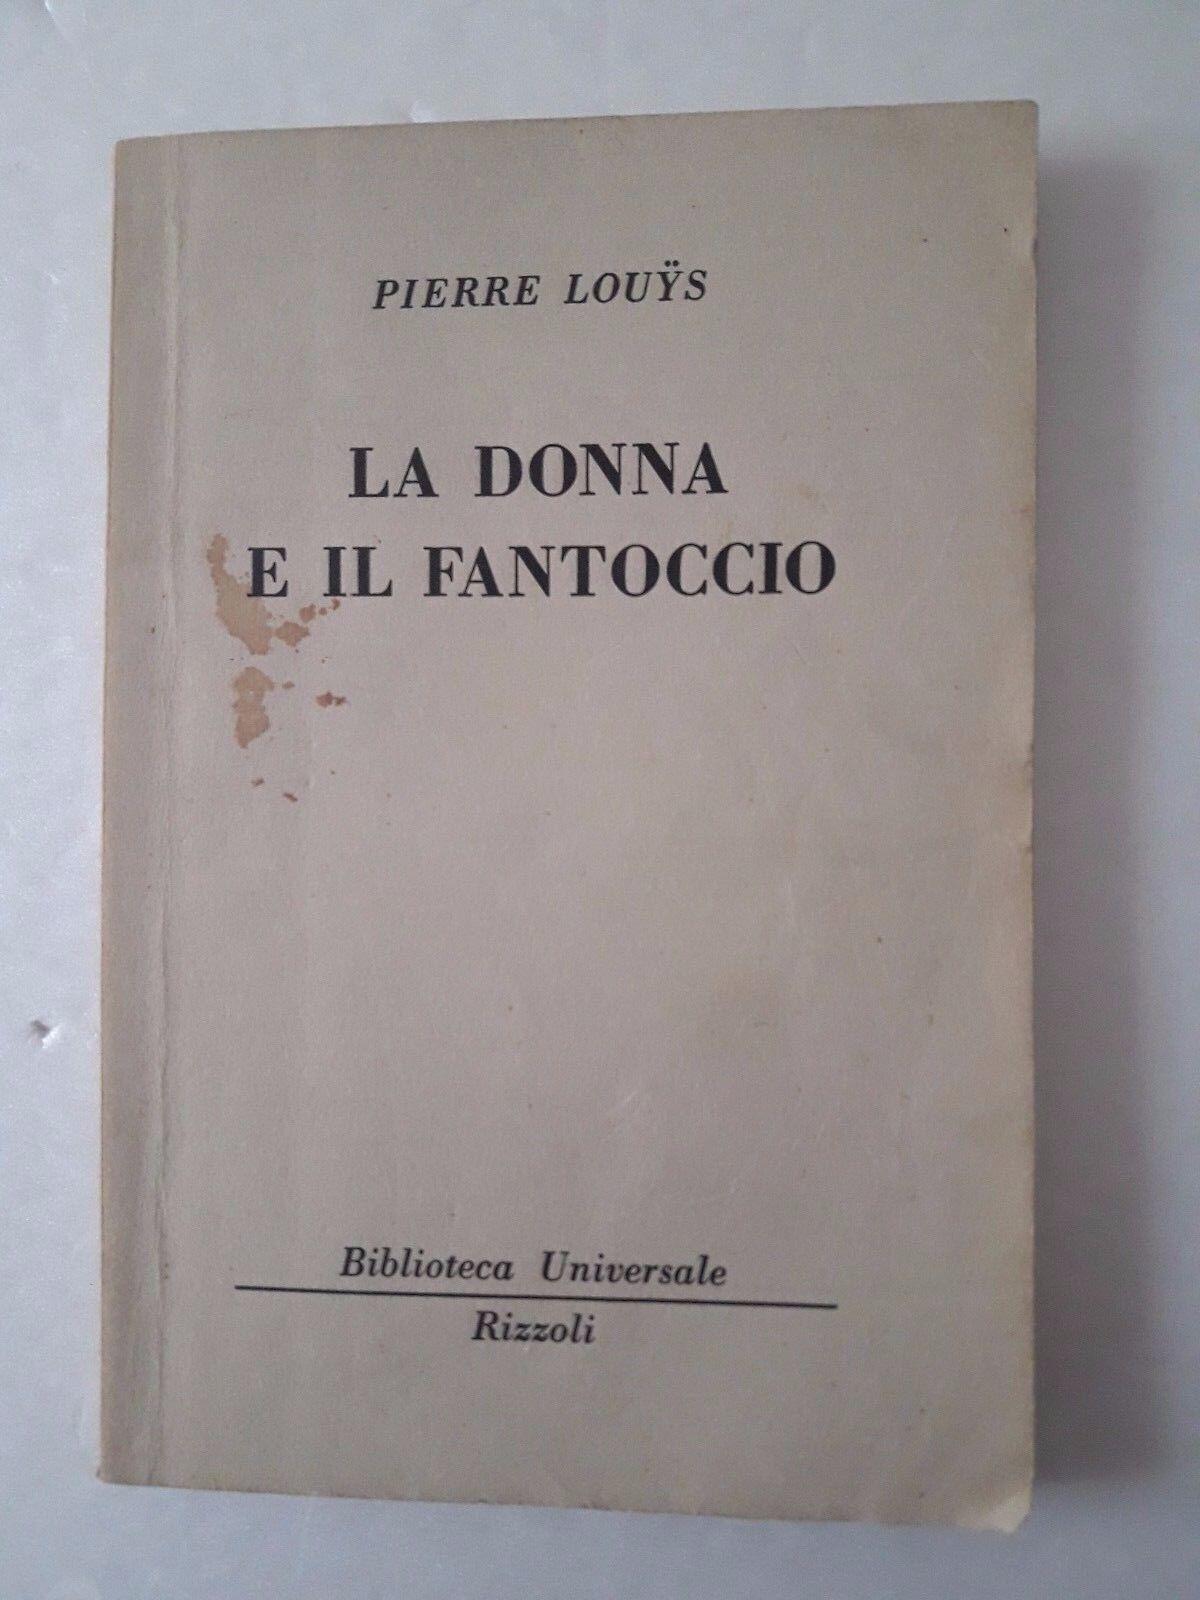 La donna e il fantoccio Pierre Louys Biblioteca Universale Rizzoli